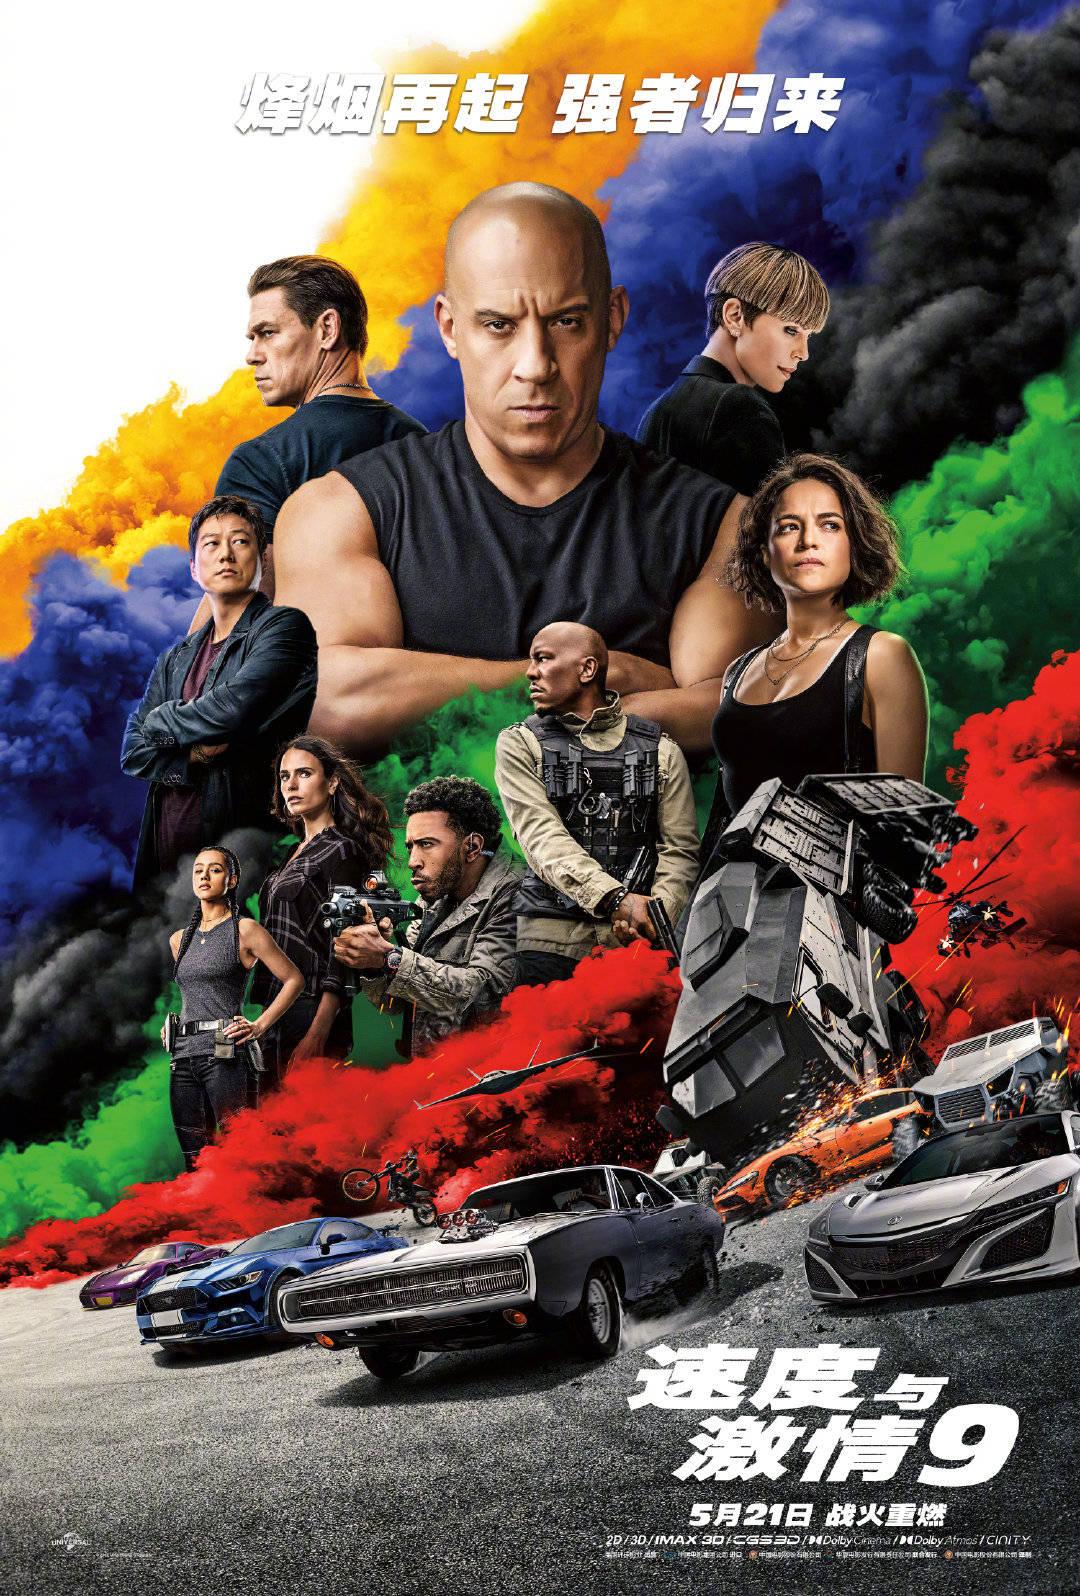 《速度与激情9》提前北美5周全国上映